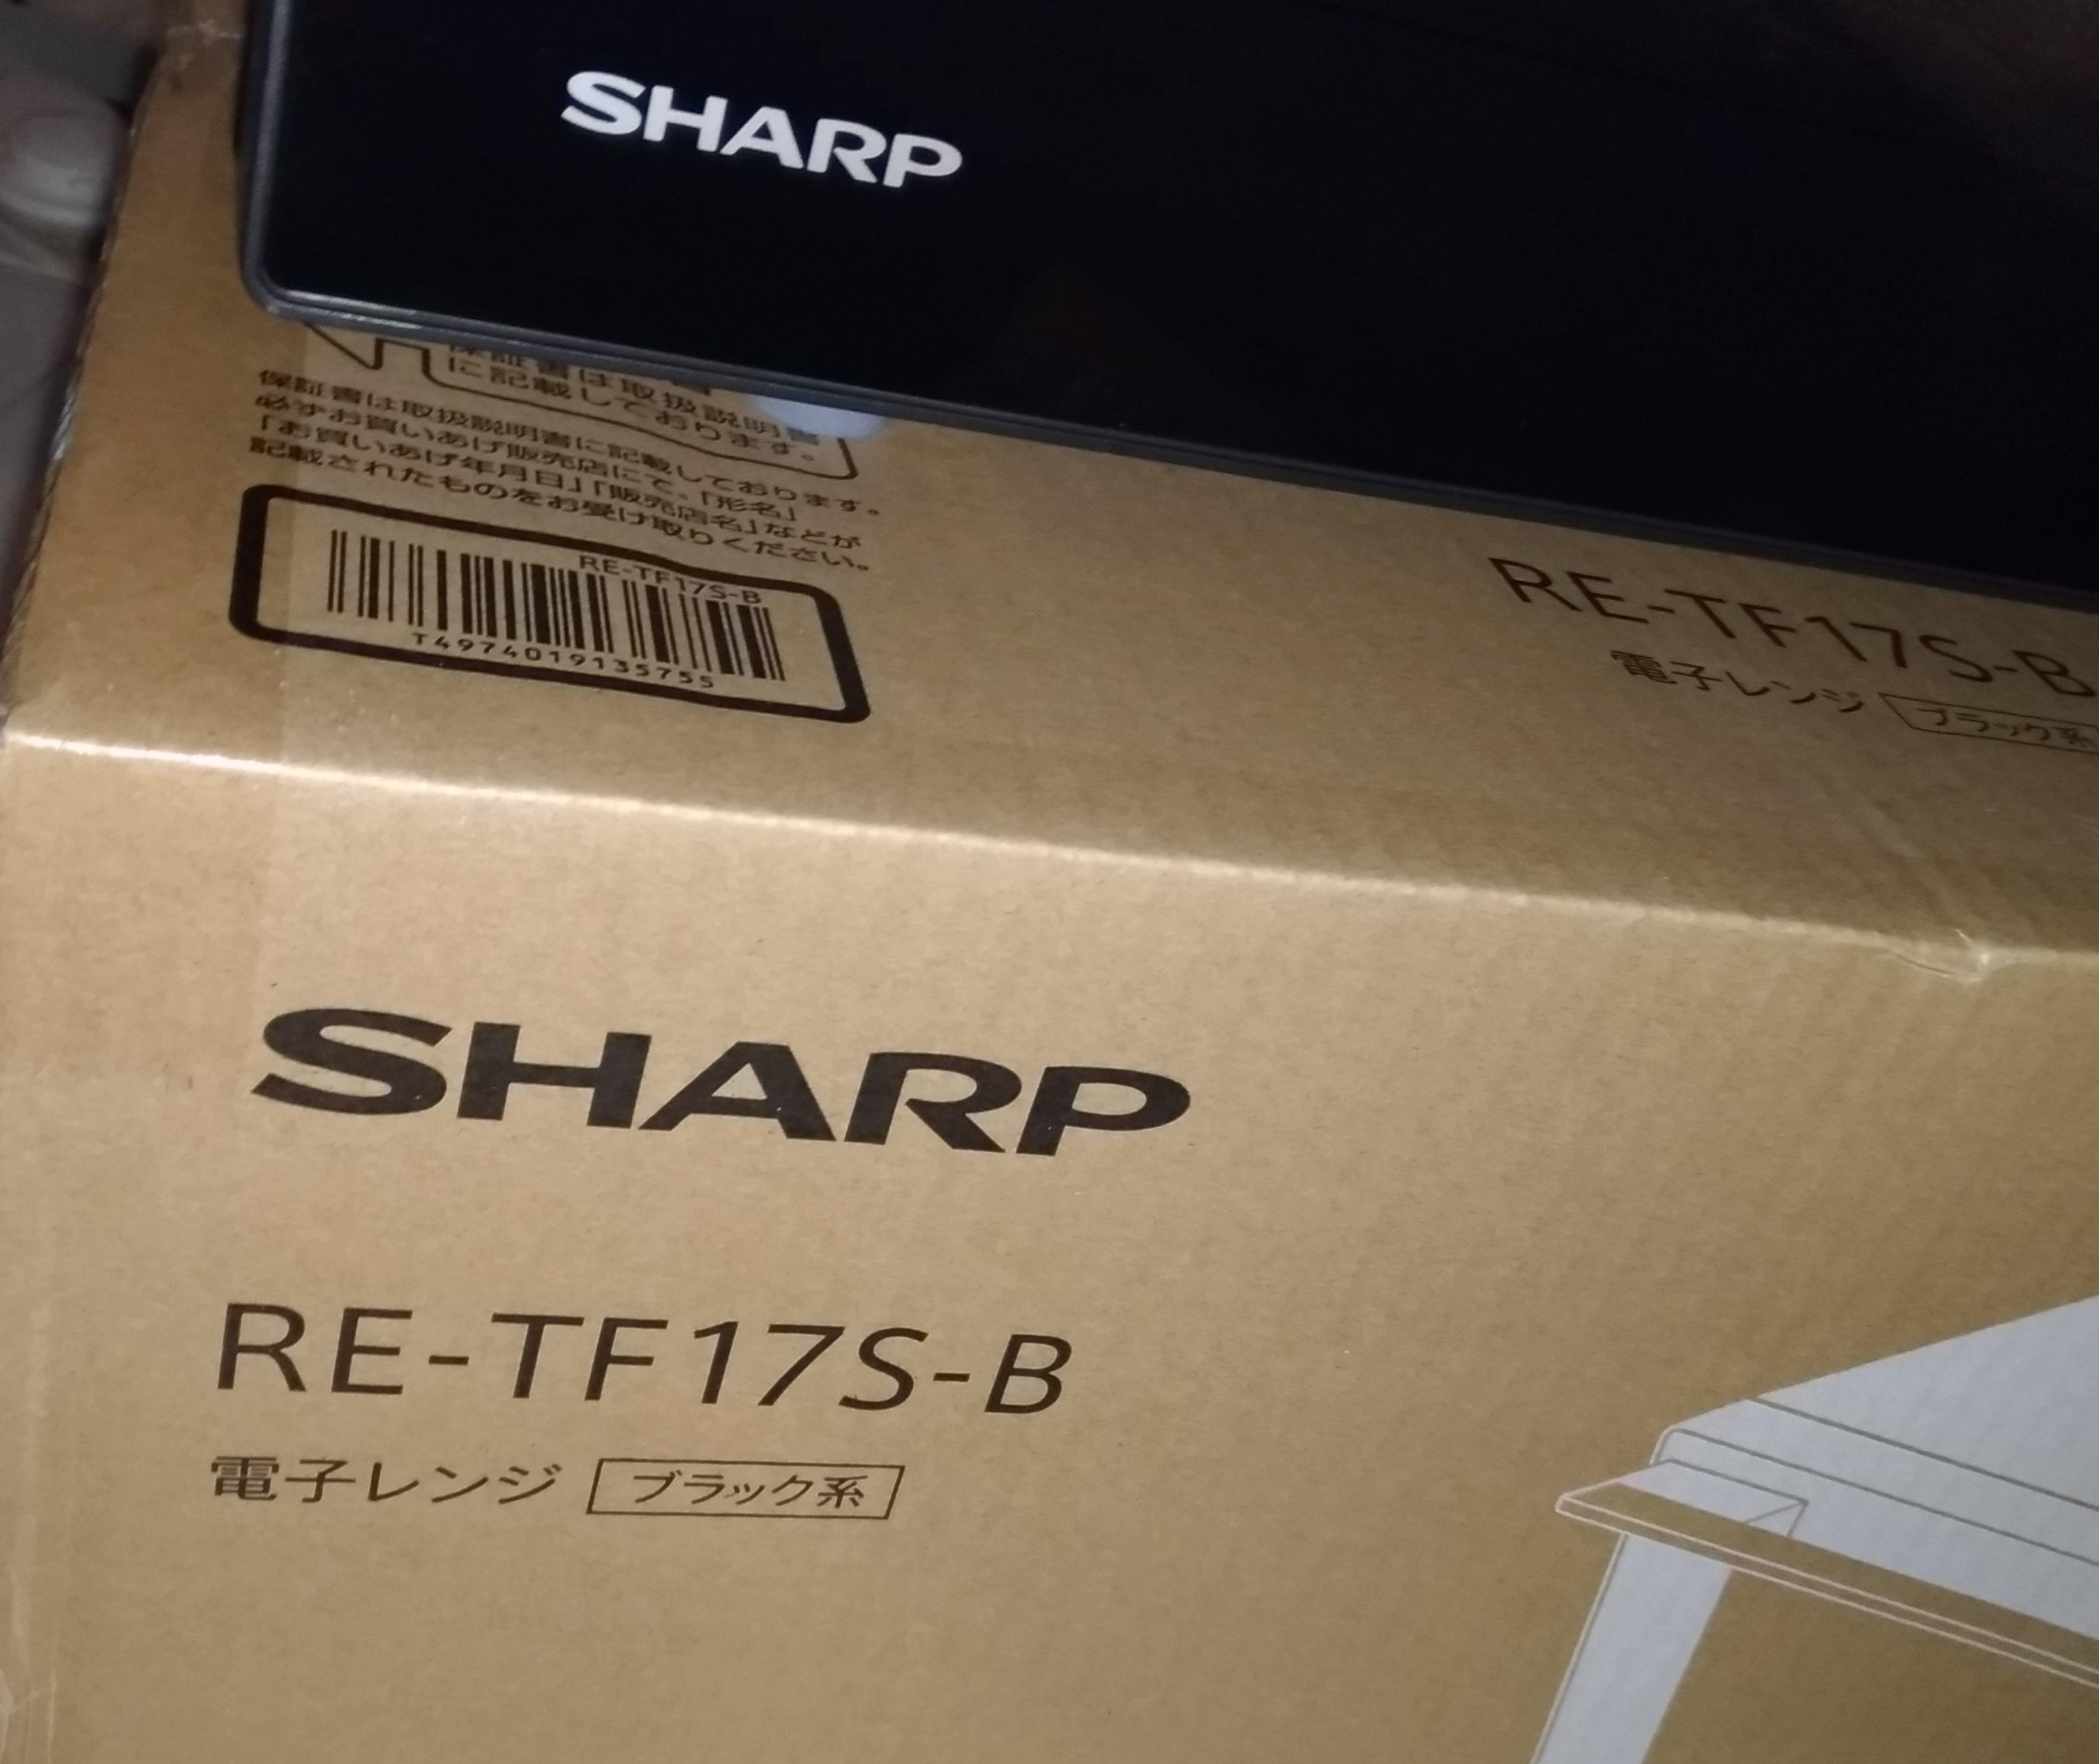 sharp_microwave_oven_2020_hitori_4.jpg